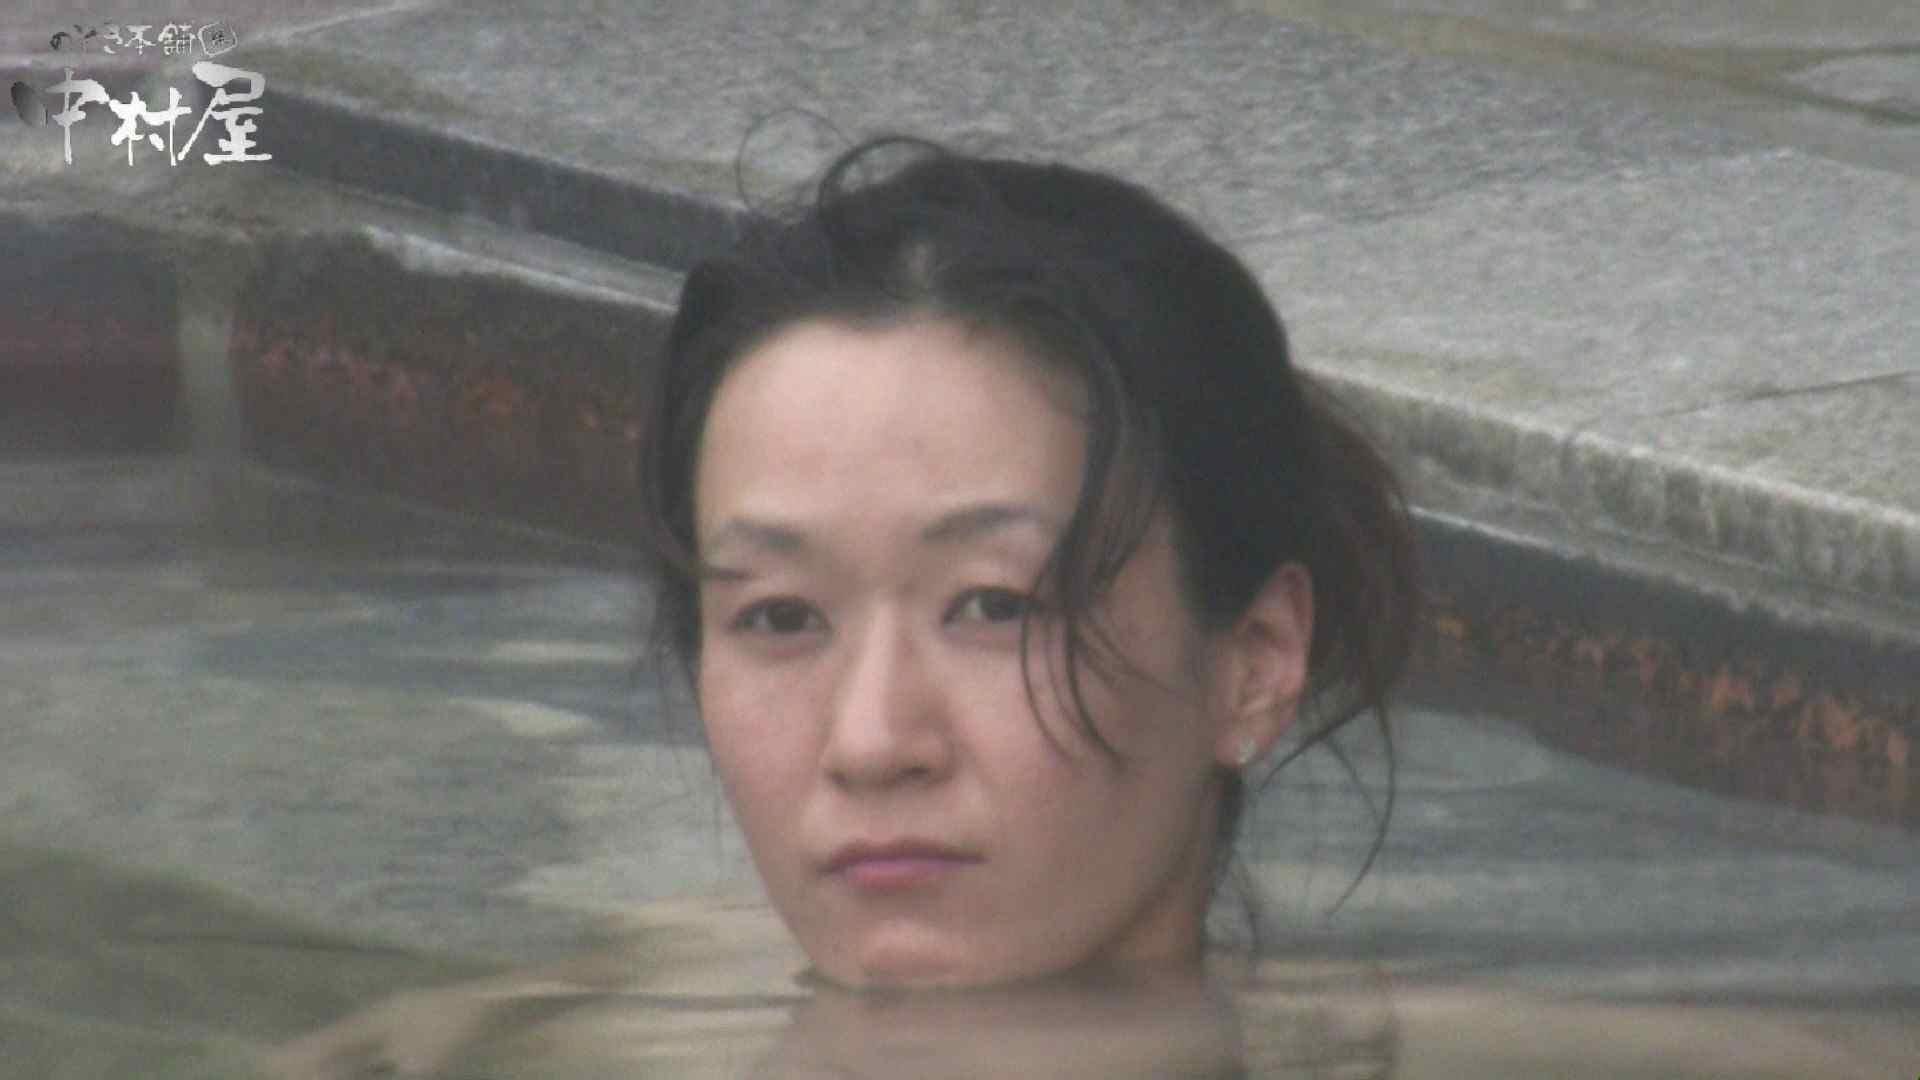 Aquaな露天風呂Vol.928 露天風呂  10枚 6